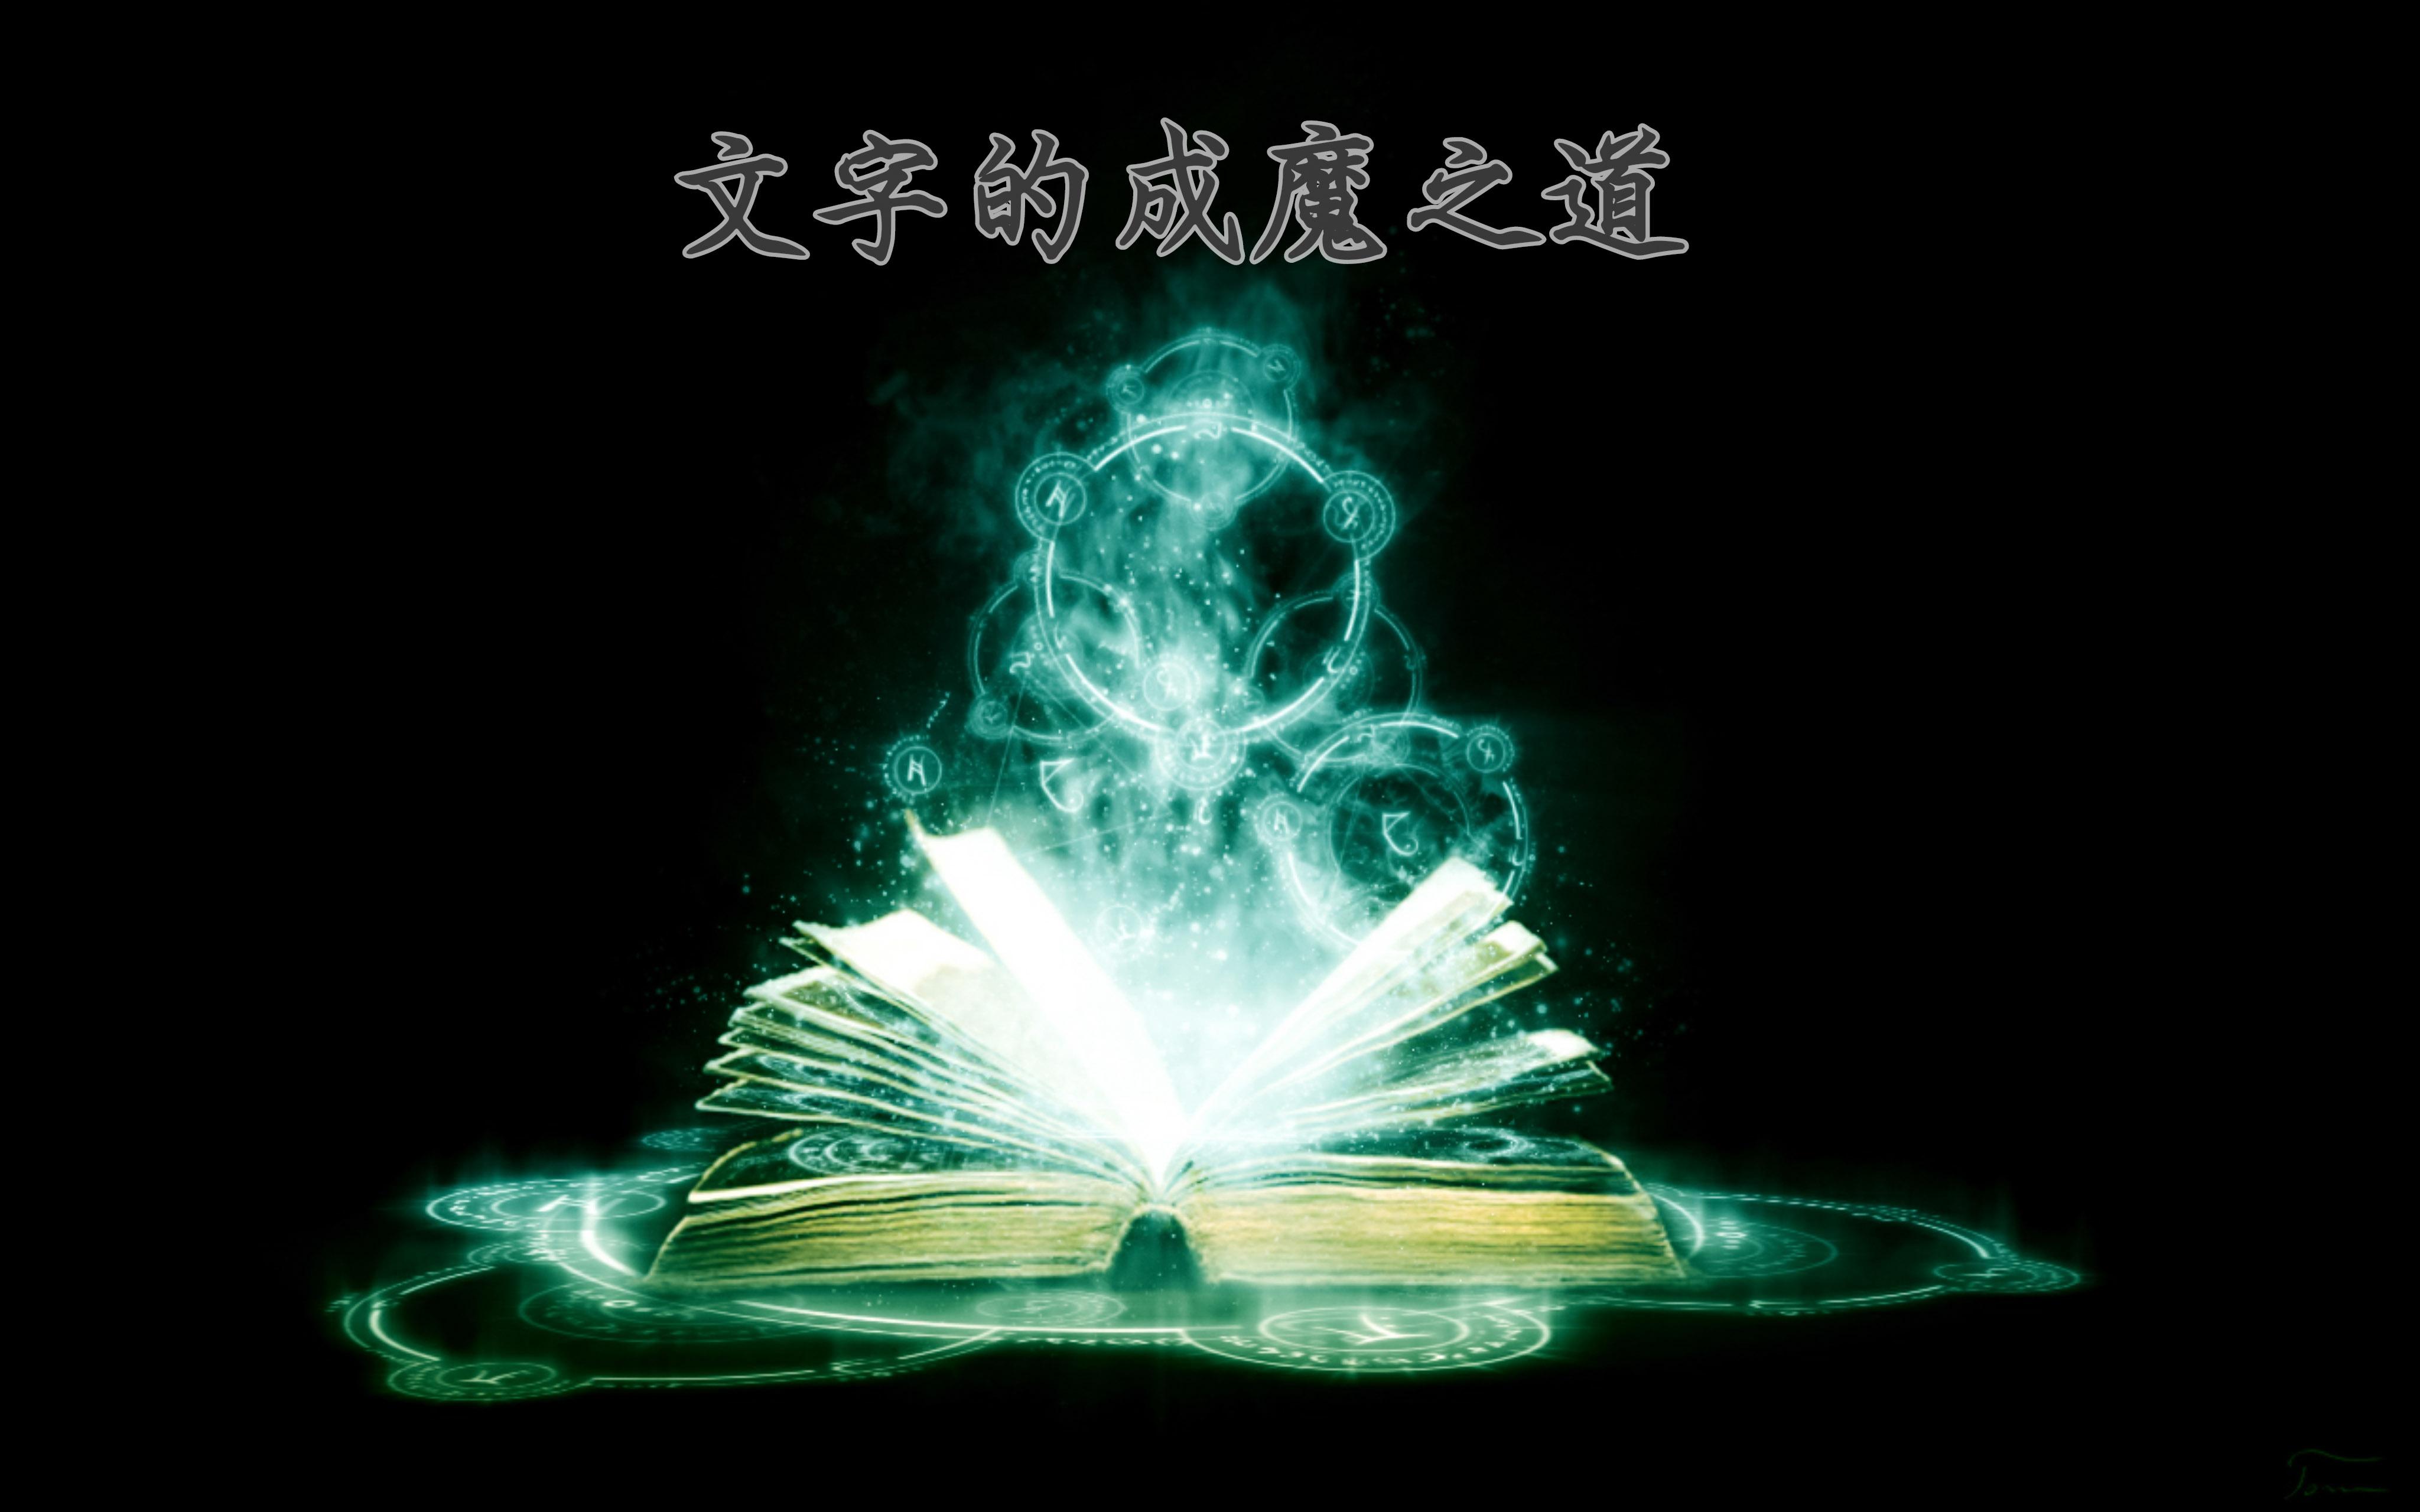 文字的 Magic Power